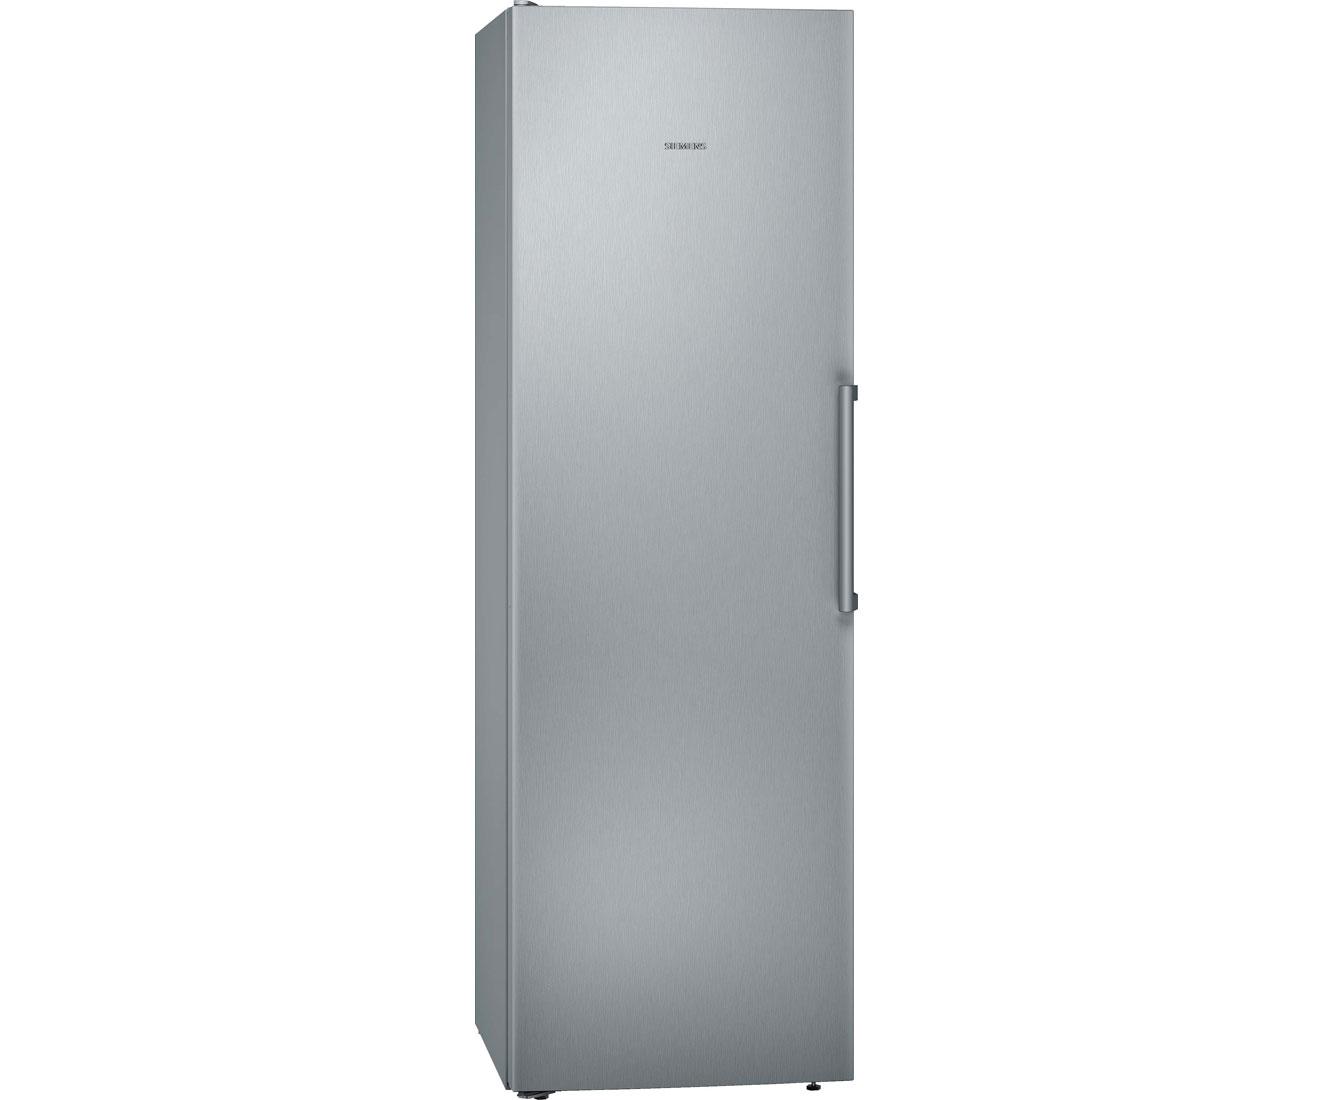 Amerikanischer Kühlschrank Idealo : Kühlschrank preisvergleich aeg sfe zc preisvergleich